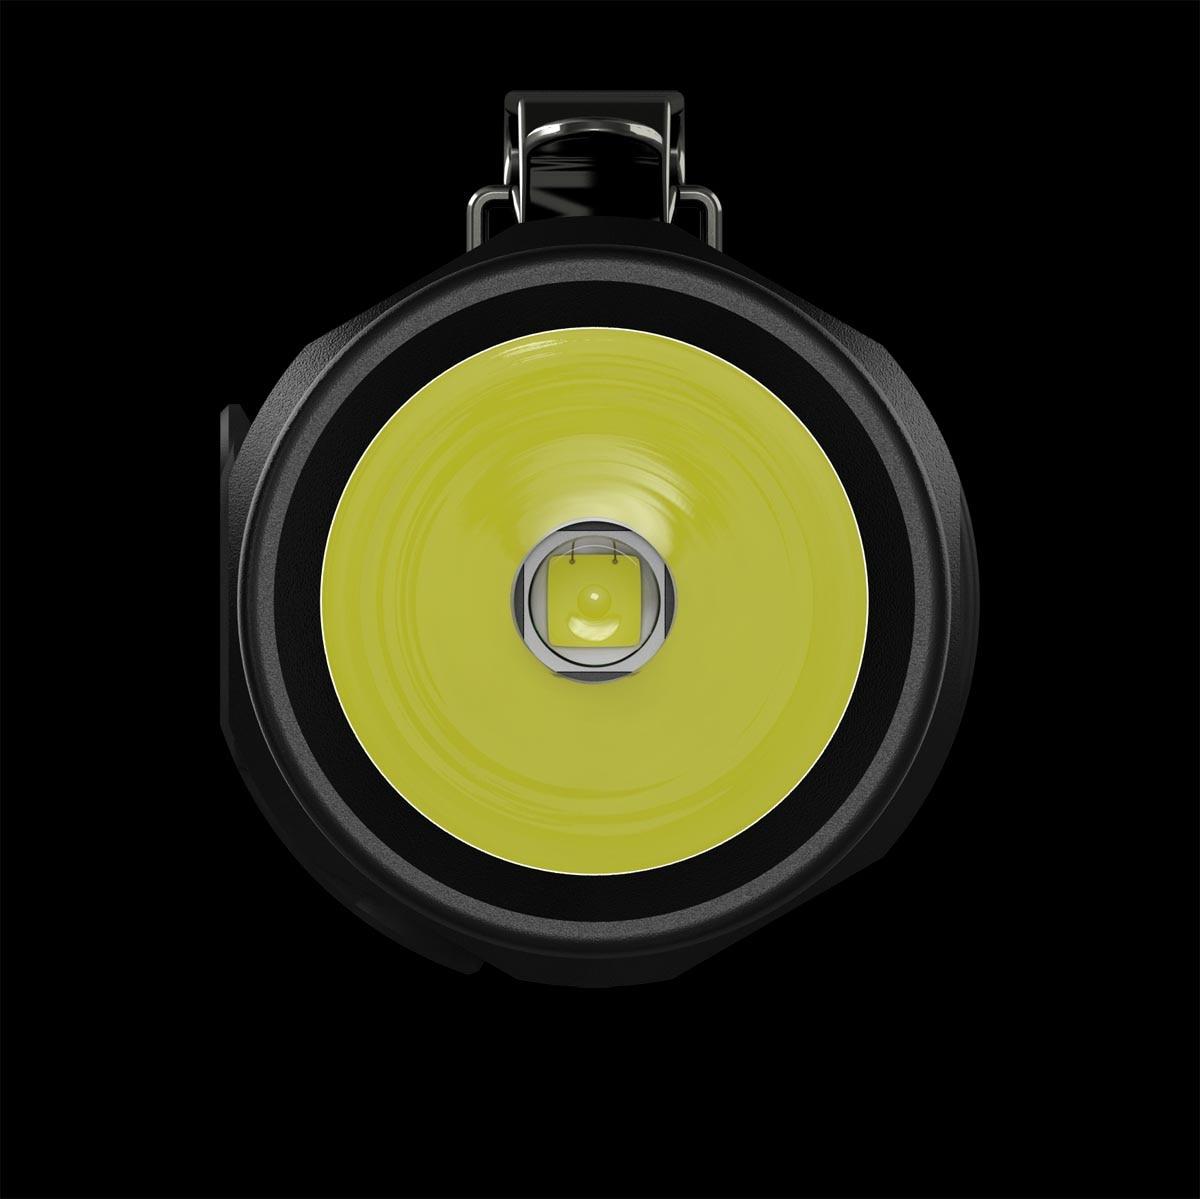 TOPSALE NITECORE MH10 1000LM U2 светодиодный USB Перезаряжаемый фонарик для походов и походов, рыбалки без аккумулятора 18650, бесплатная доставка - 6